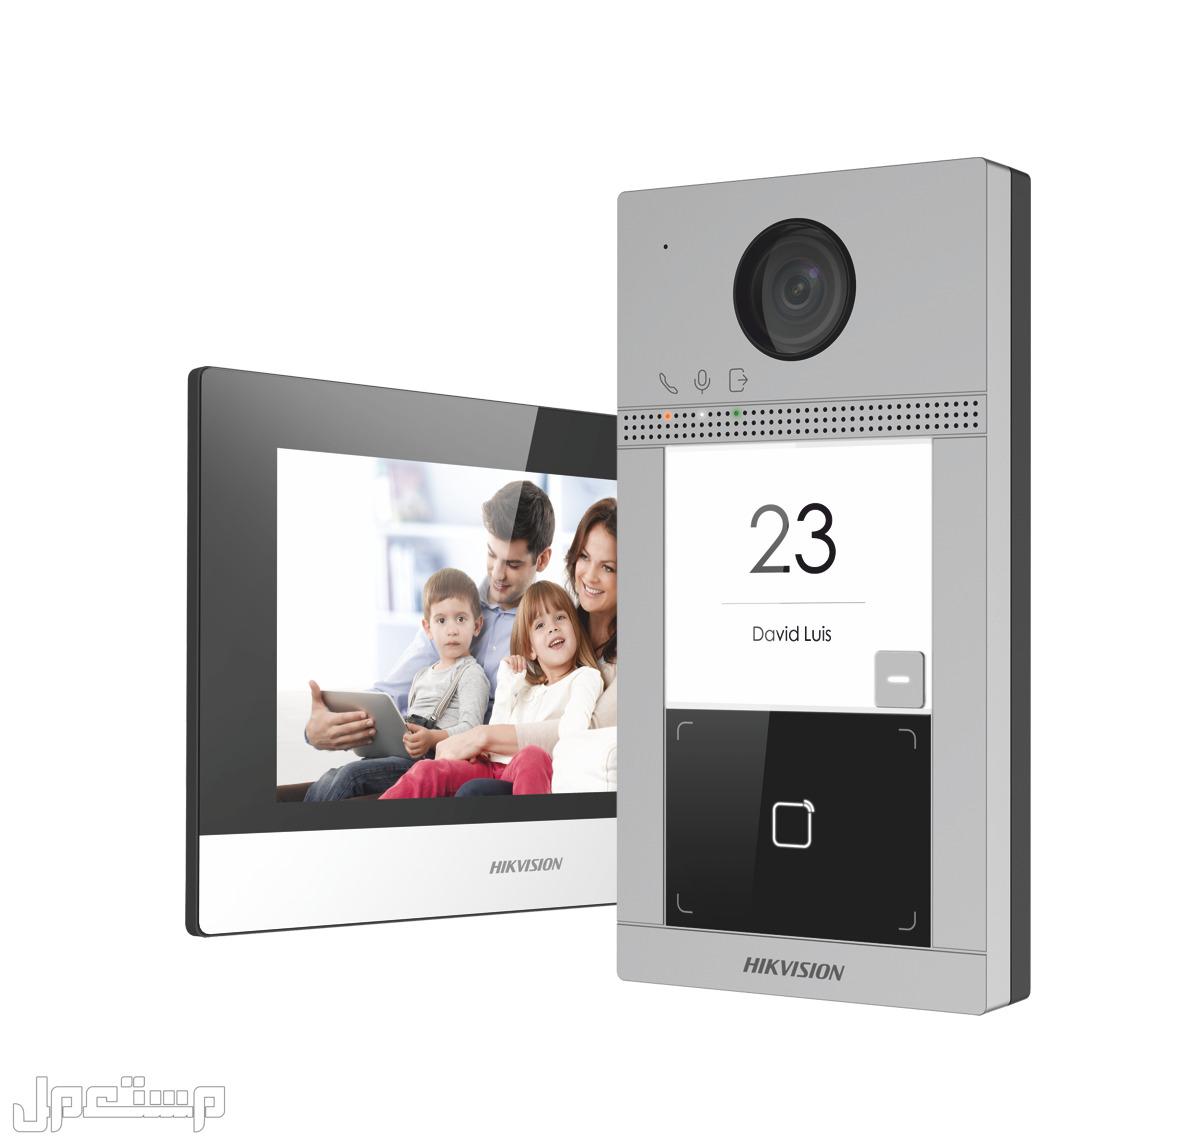 جهاز انتركم للفلل والمنازل لرؤية الزوار بدقة عالية وشاشة ملونة جهاز انتركم للفلل والمنازل لرؤية الزوار بدقة عالية وشاشة ملونة /للطلب 0552226075